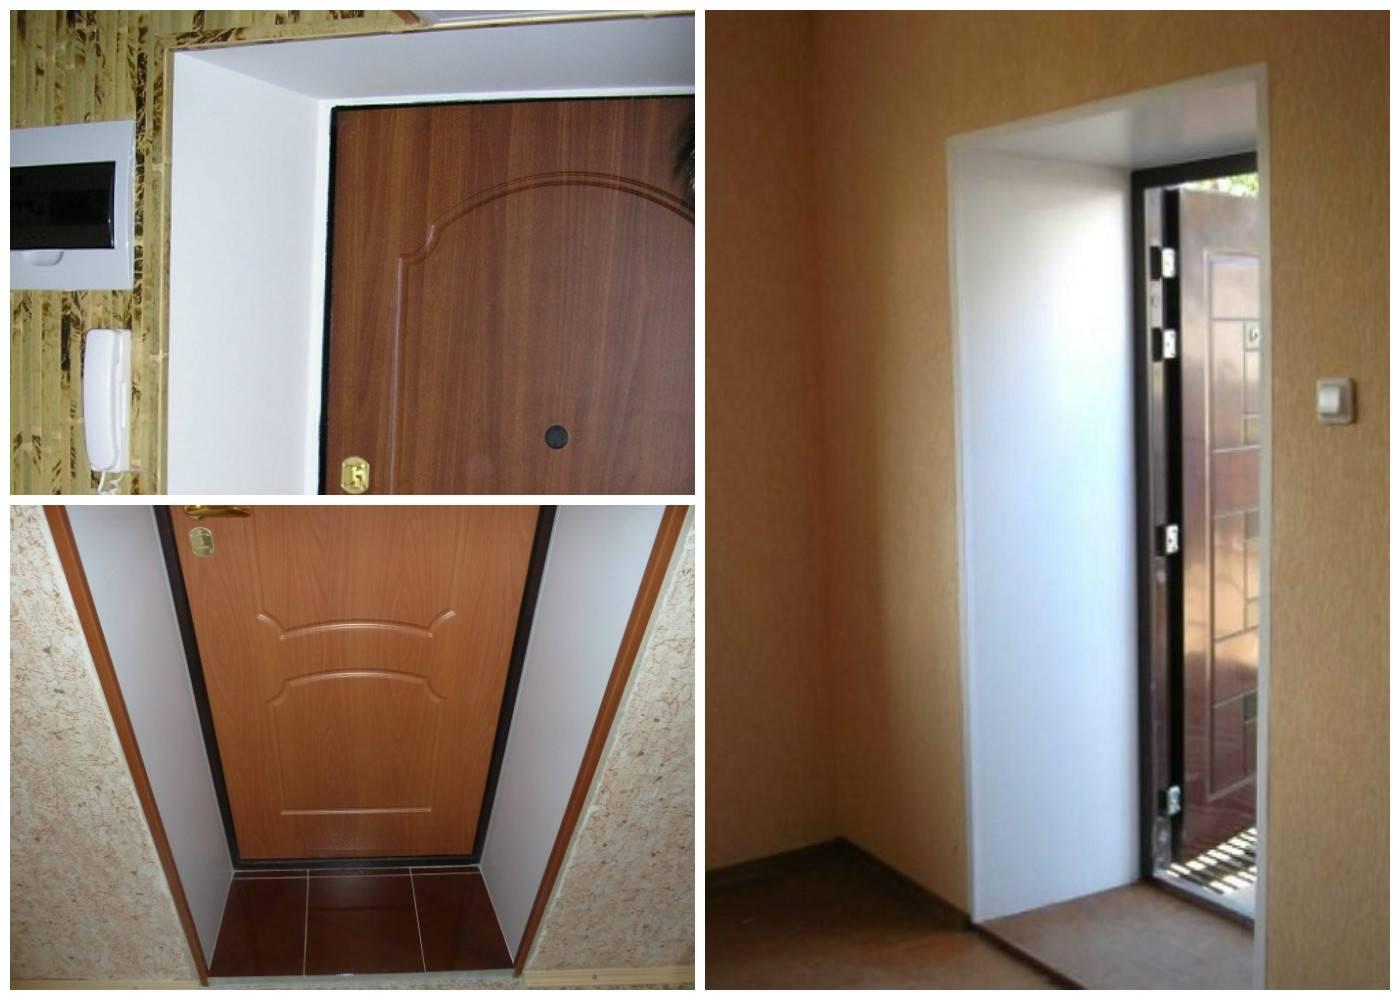 Способы монтажа откосов из различных материалов для межкомнатных дверей